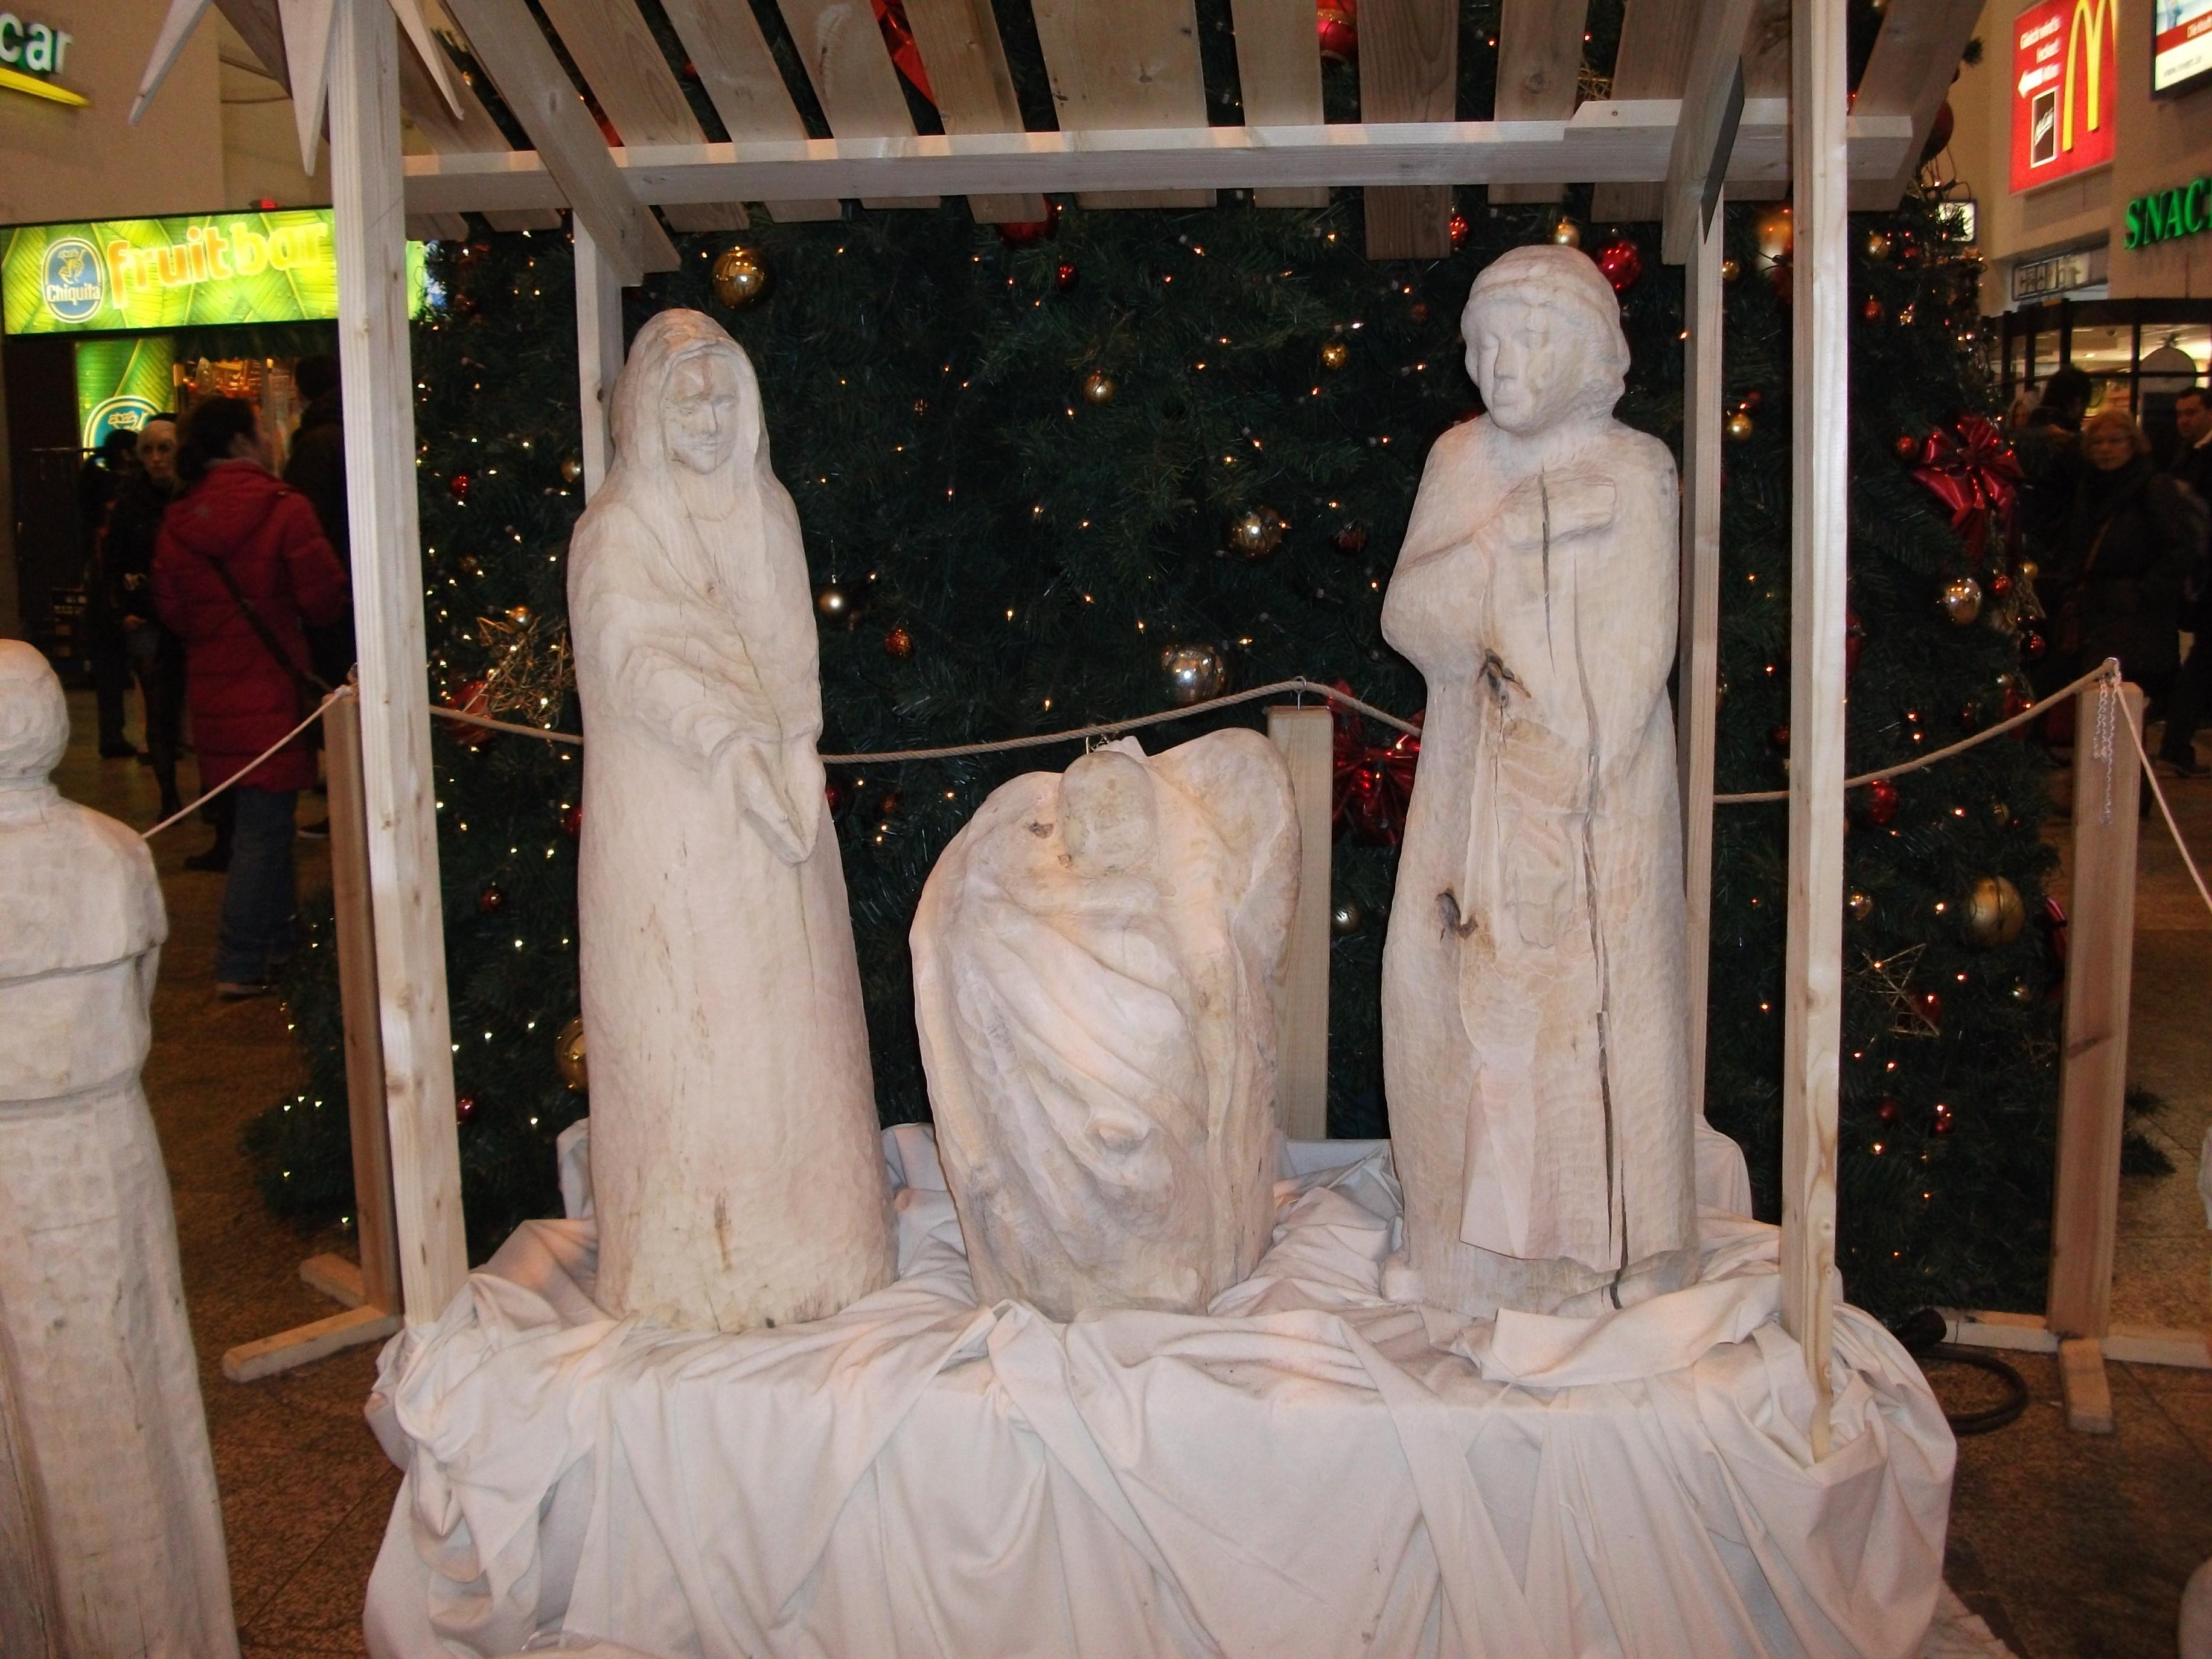 reise z 3 advent 2011 004 - Über die Weihnachtsbotschaft nachdenken